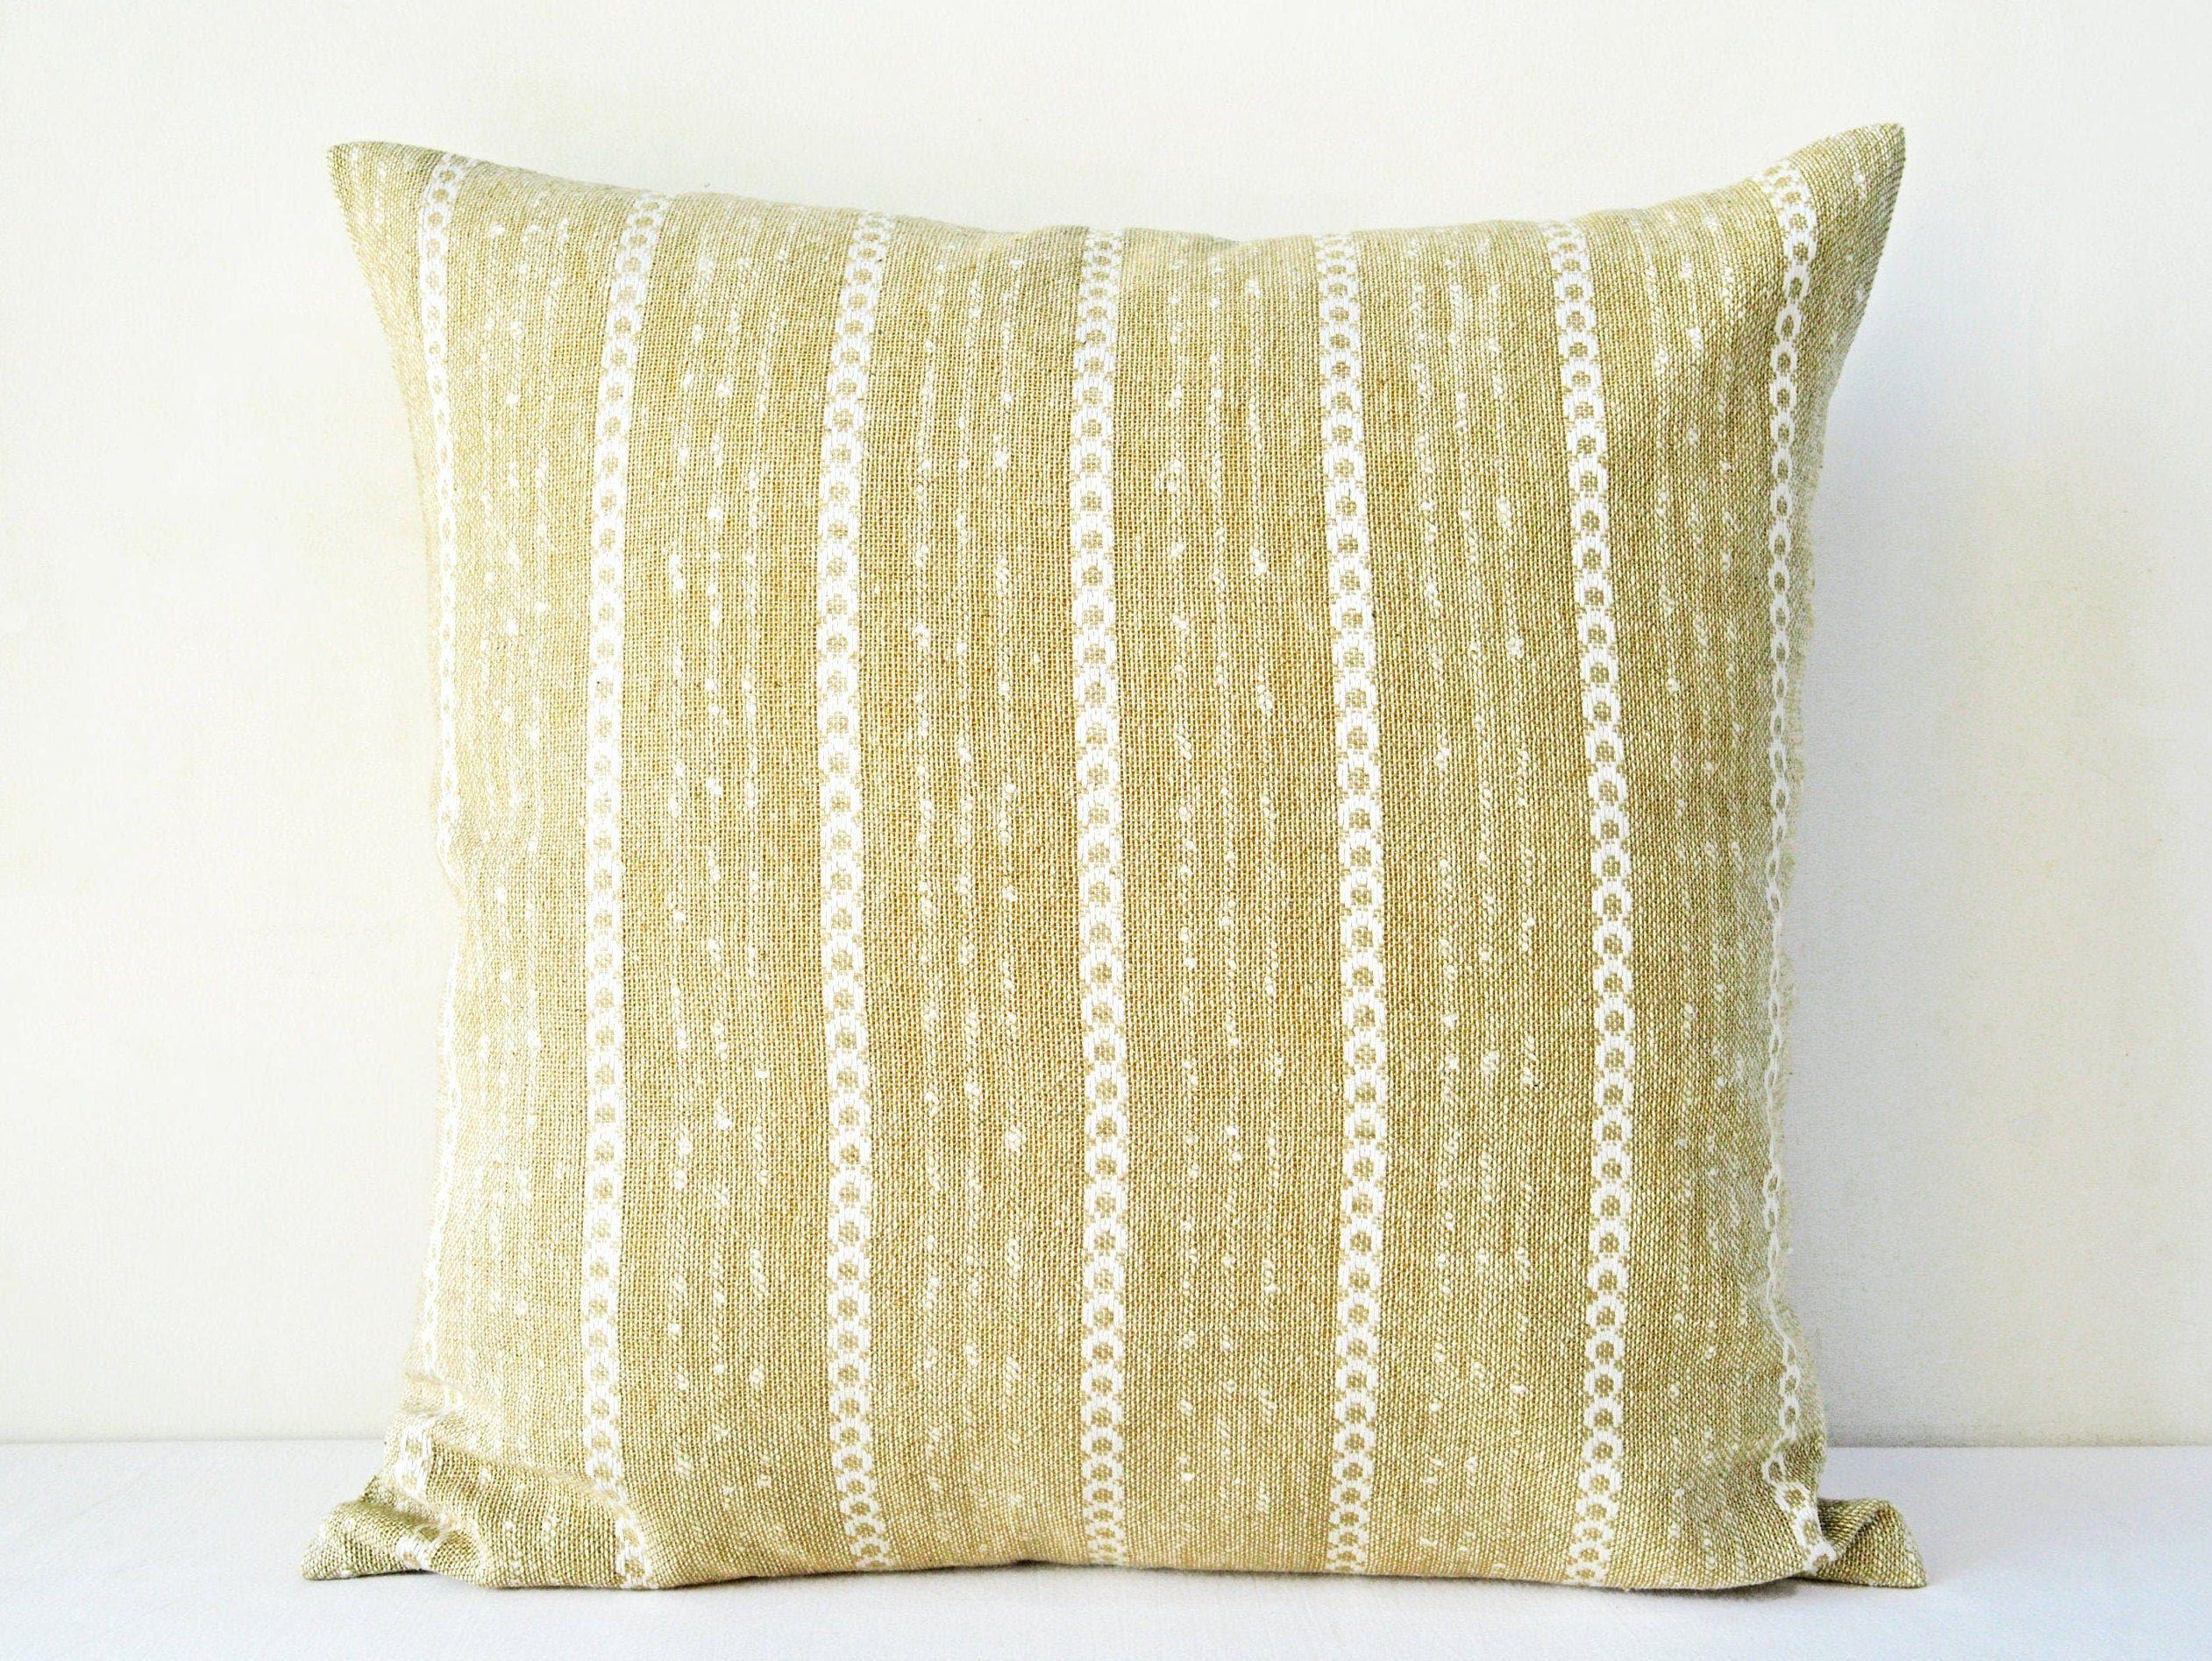 Beige pillow cover 16x16burlap pillow cover 20x20